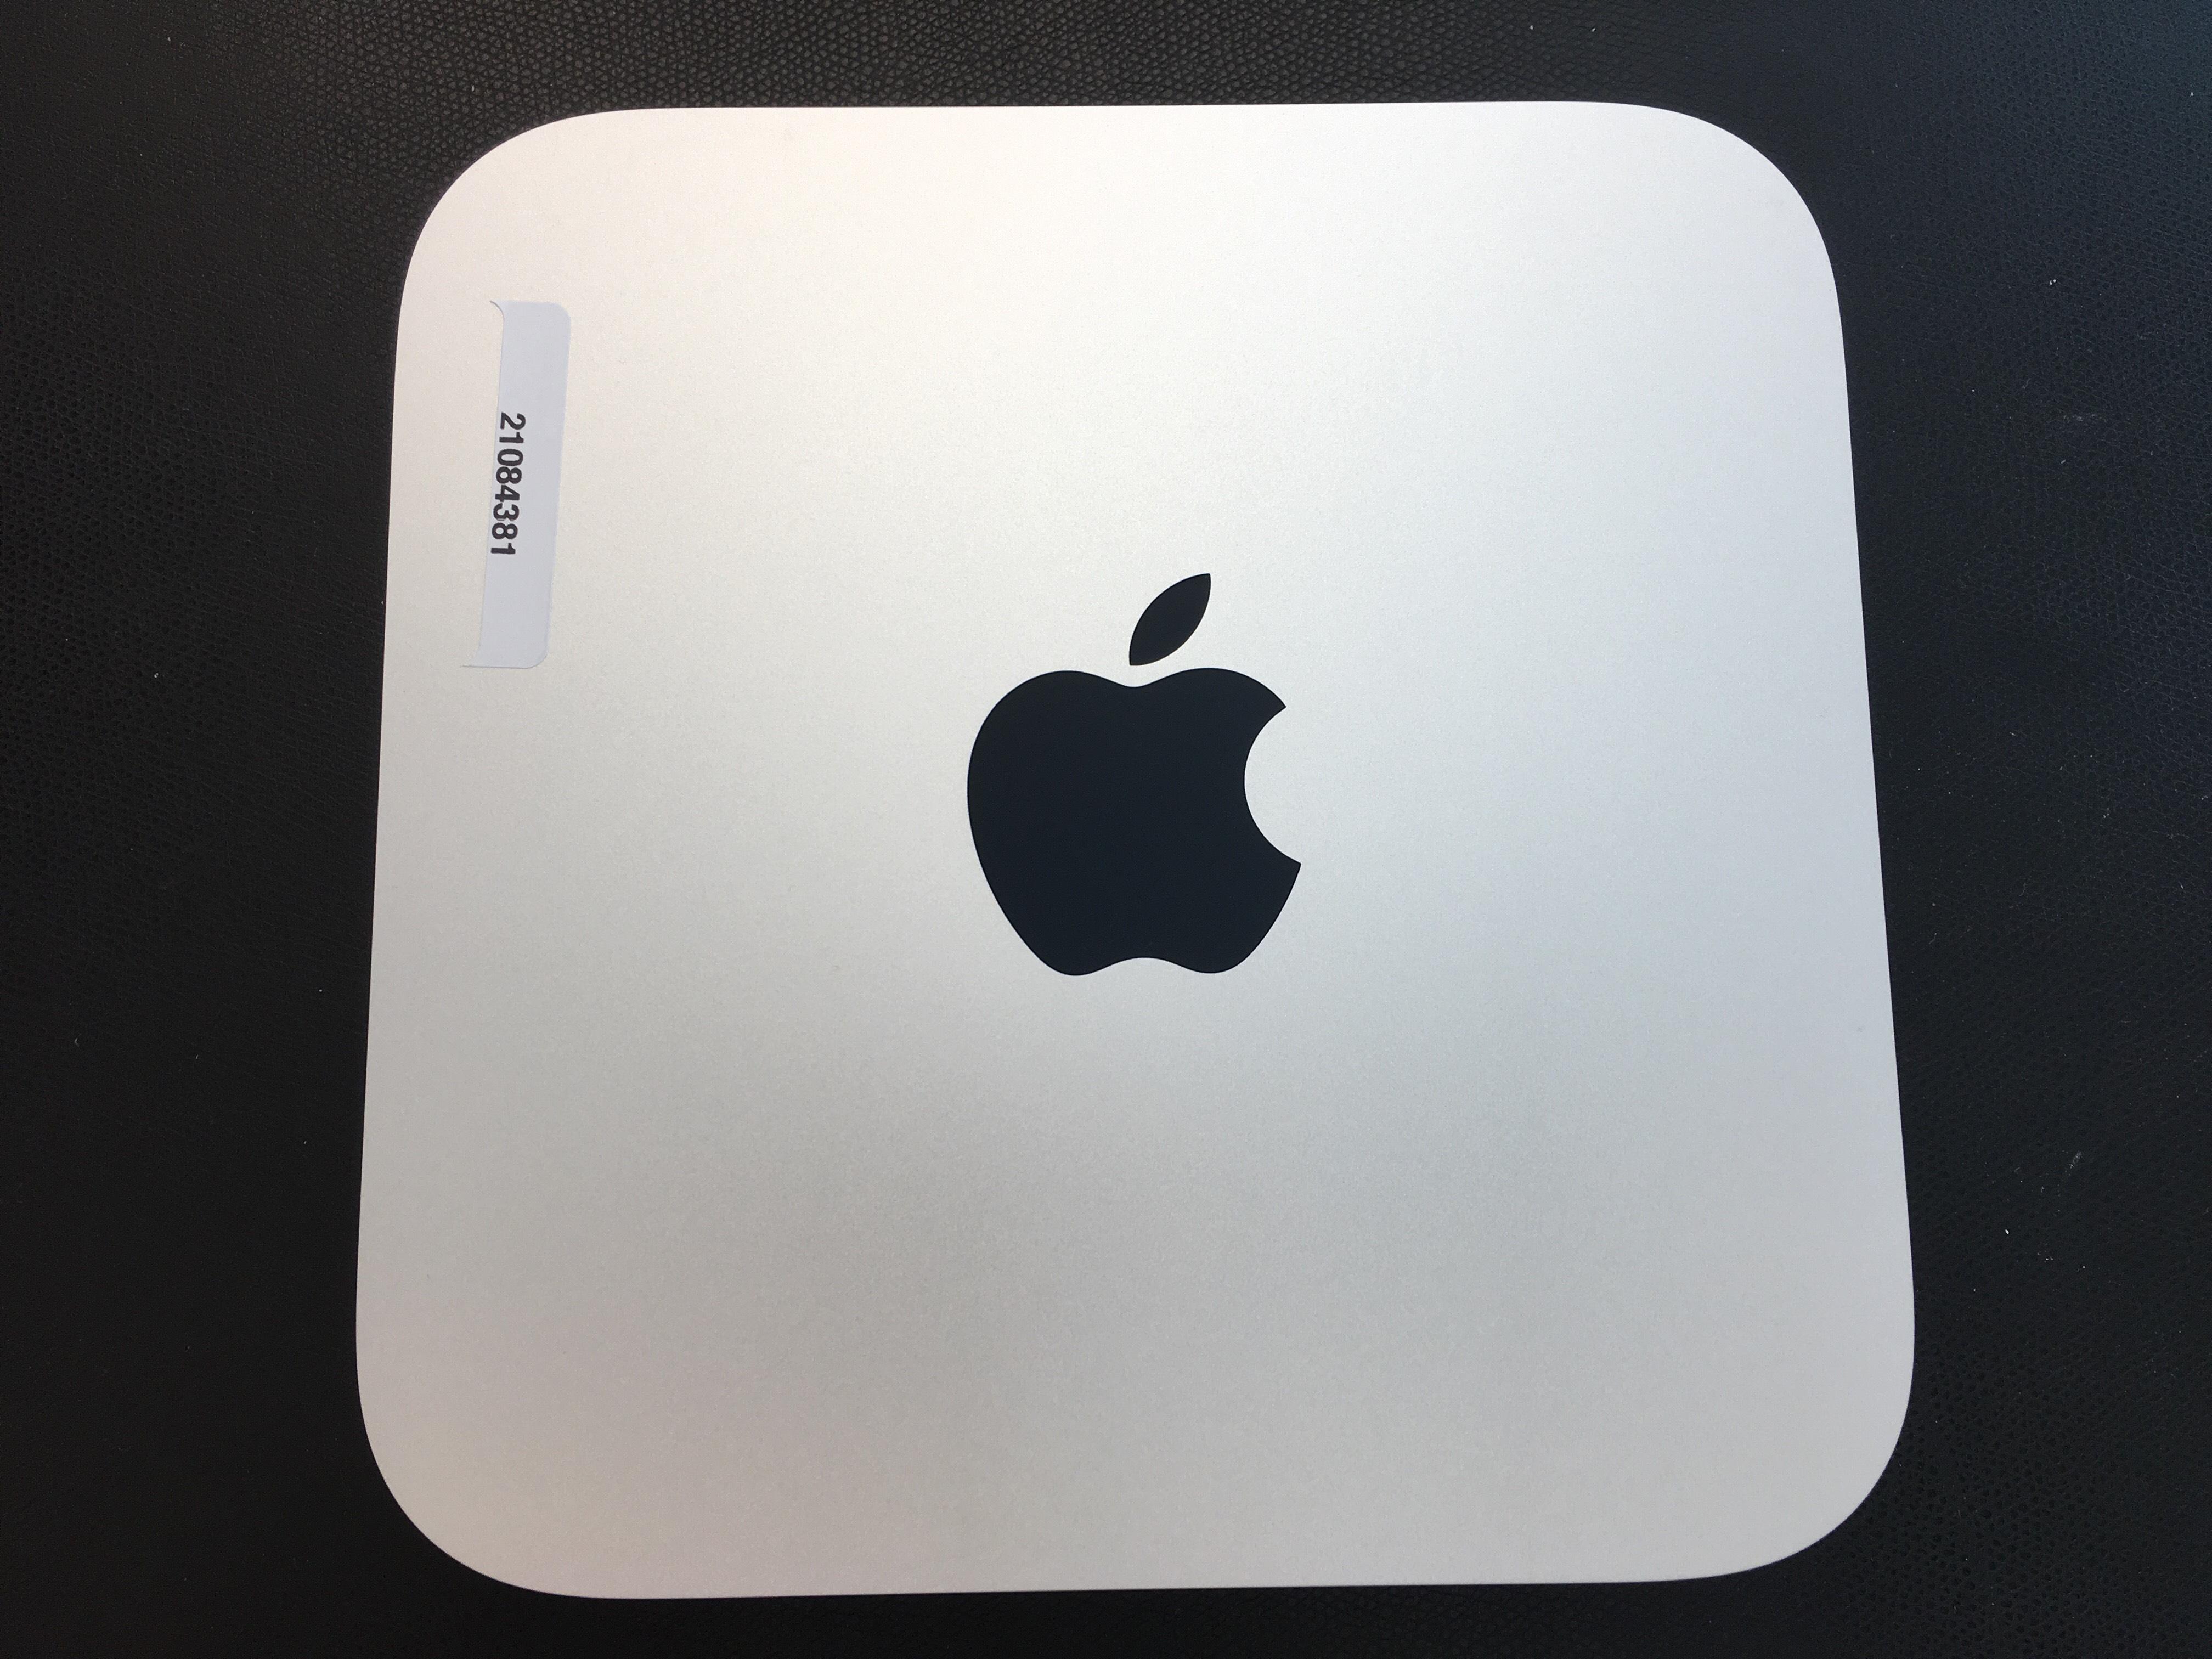 Mac Mini Late 2014 (Intel Core i5 1.4 GHz 4 GB RAM 500 GB HDD), Intel Core i5 1.4 GHz (Haswell), 4 GB PC3-12800 (1600 MHz) LPDDR3, 500 GB, bild 1